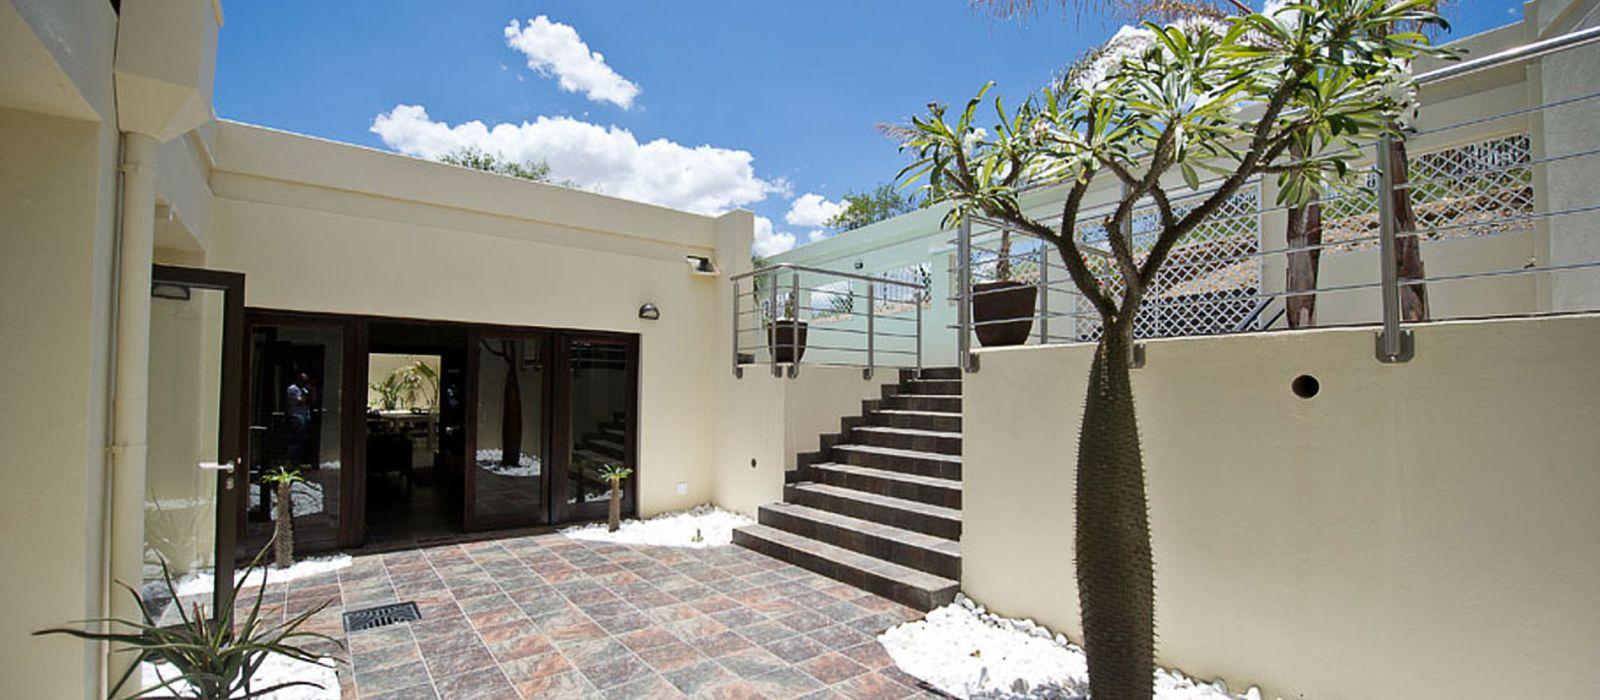 Hotel Galton House Namibia